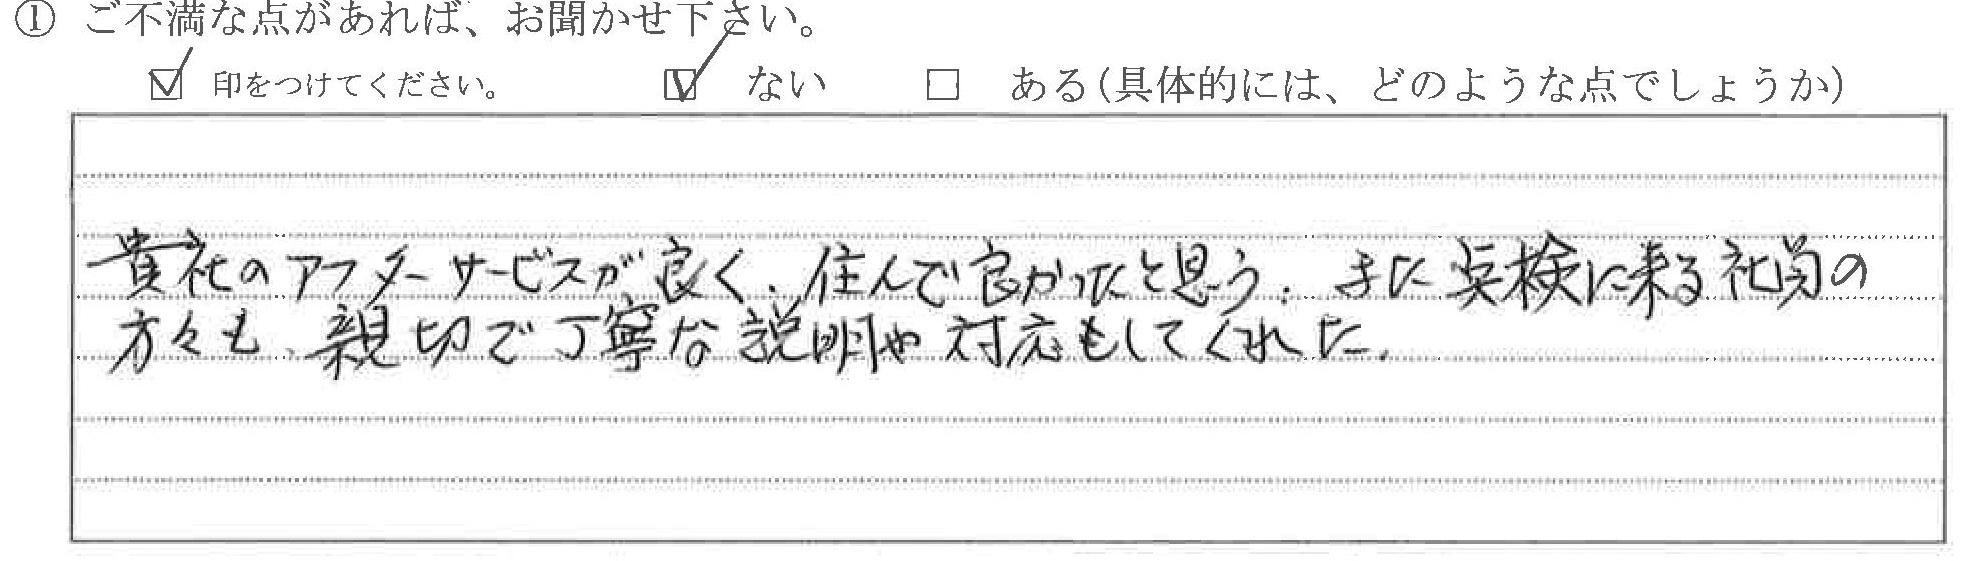 石川県河北郡M様に頂いた給気口フィルター販売についてのご不満な点があれば、お聞かせ下さい。というご質問について「給気口フィルター販売【お喜びの声】」というお声についての画像